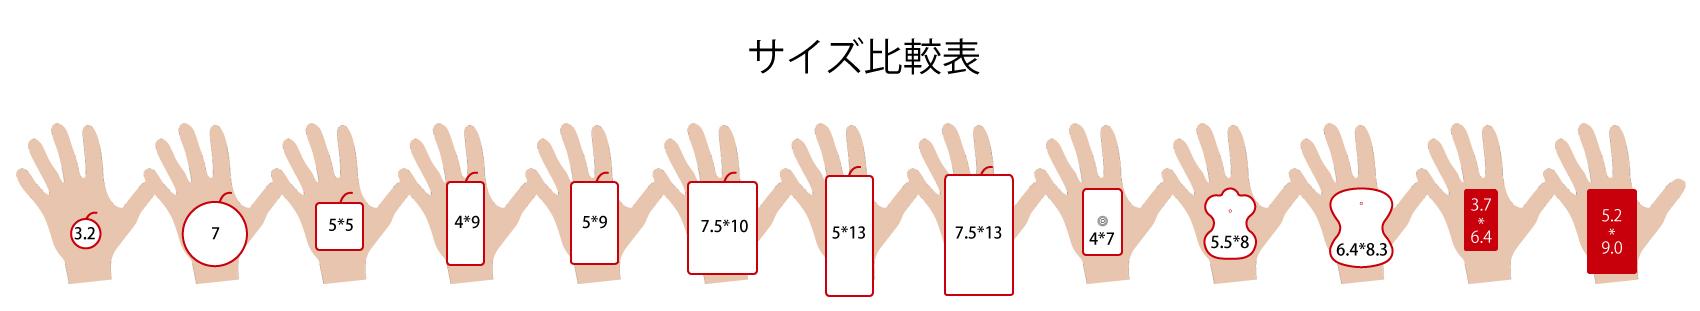 比較サイズ表